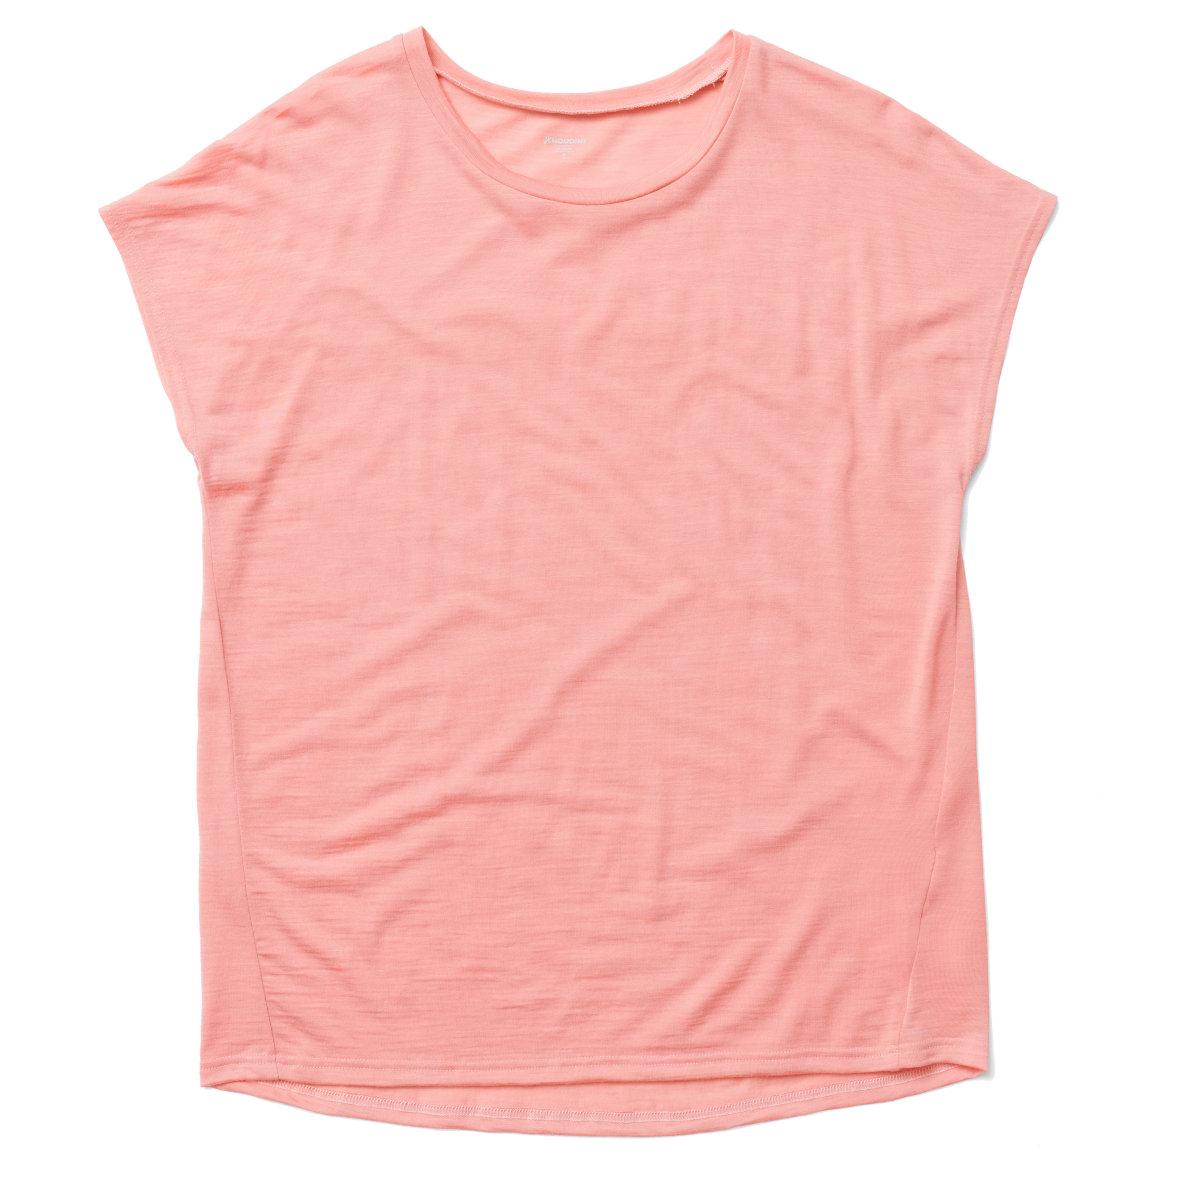 Houdini Women's Activist Tee - Beaker Pink